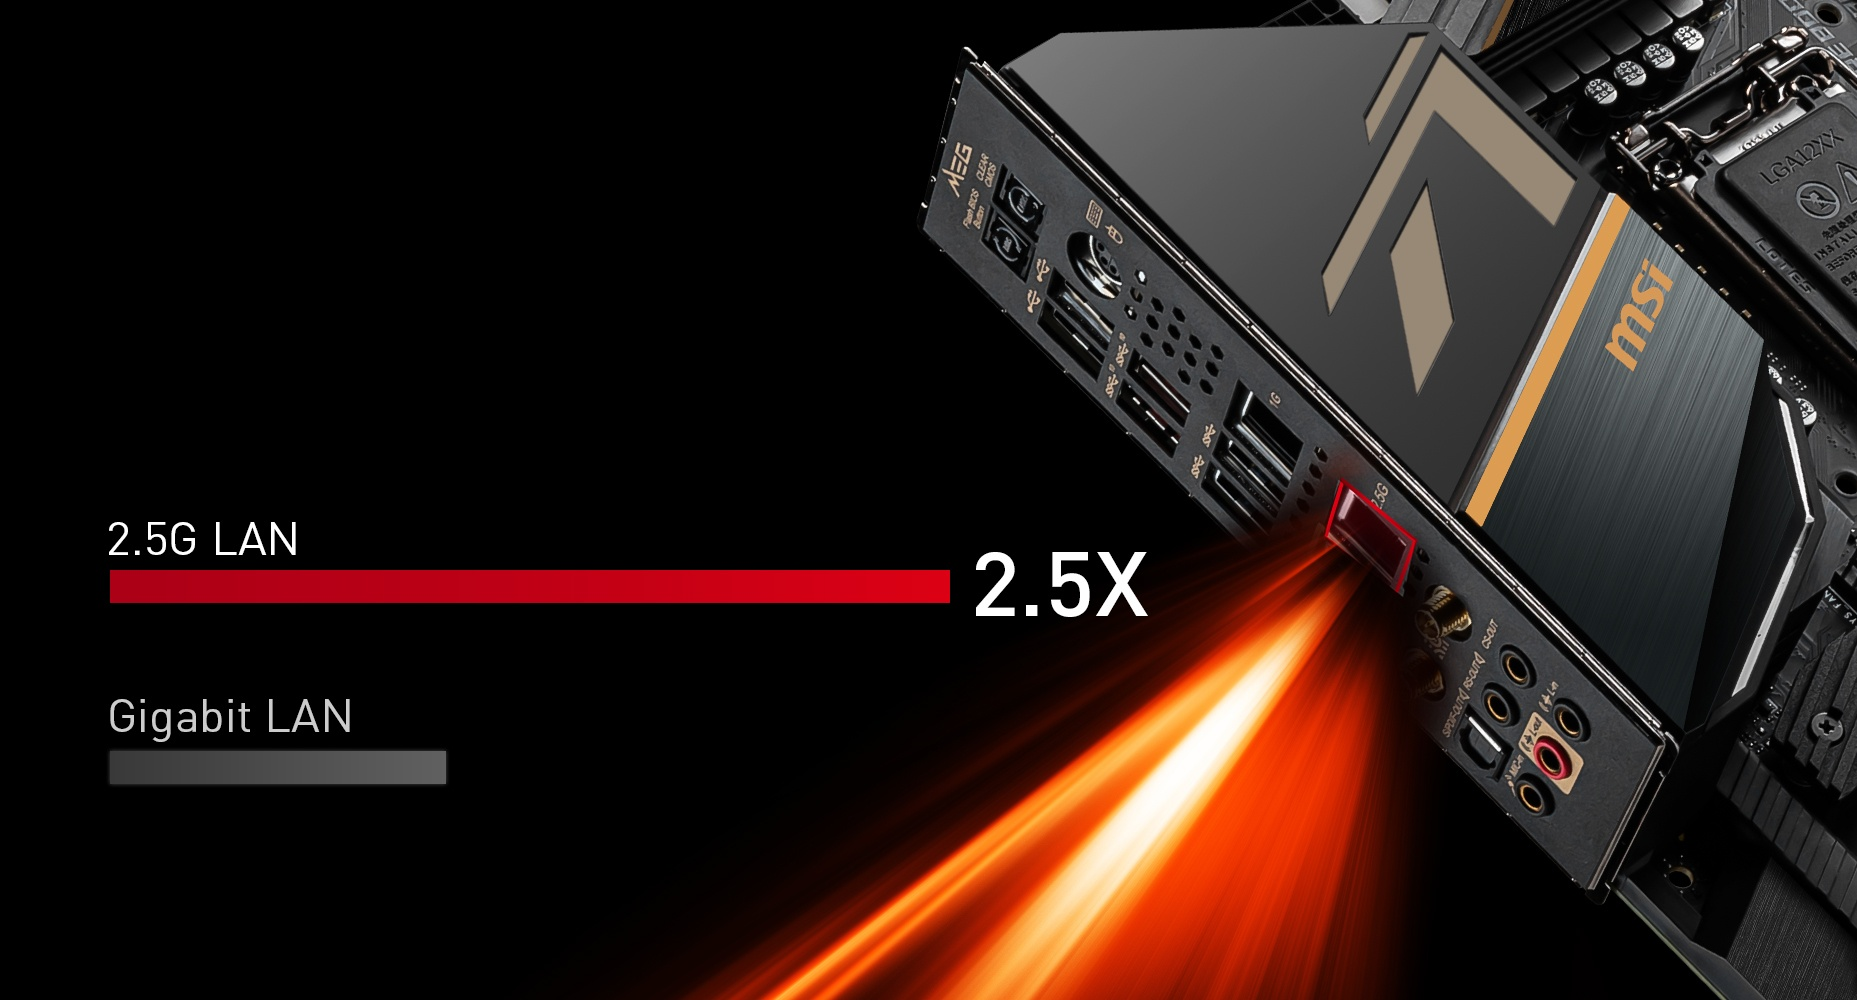 MSI MEG Z490 ACE DUAL LAN WITH 2.5G LAN